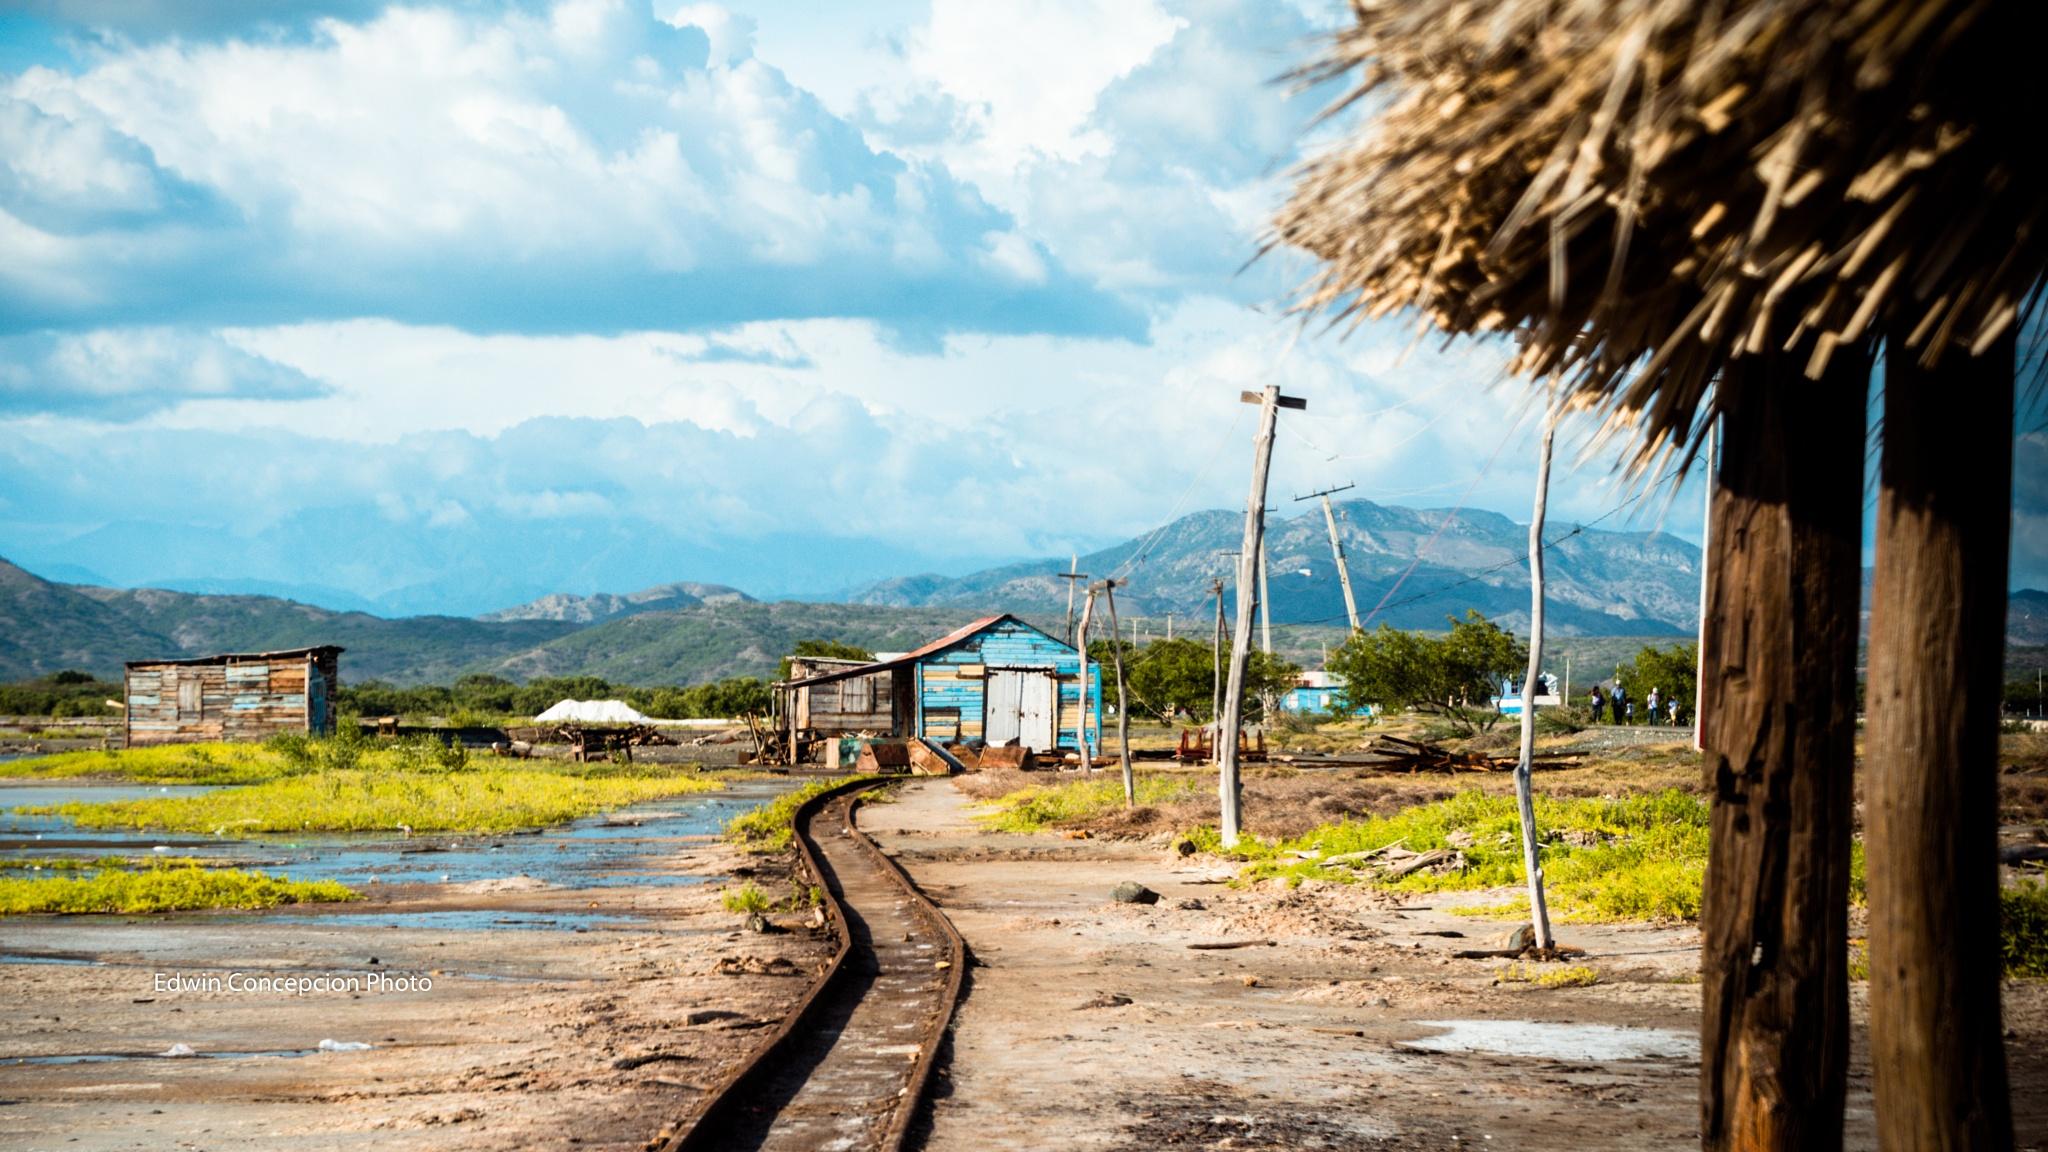 Homeland by Edwin Concepción